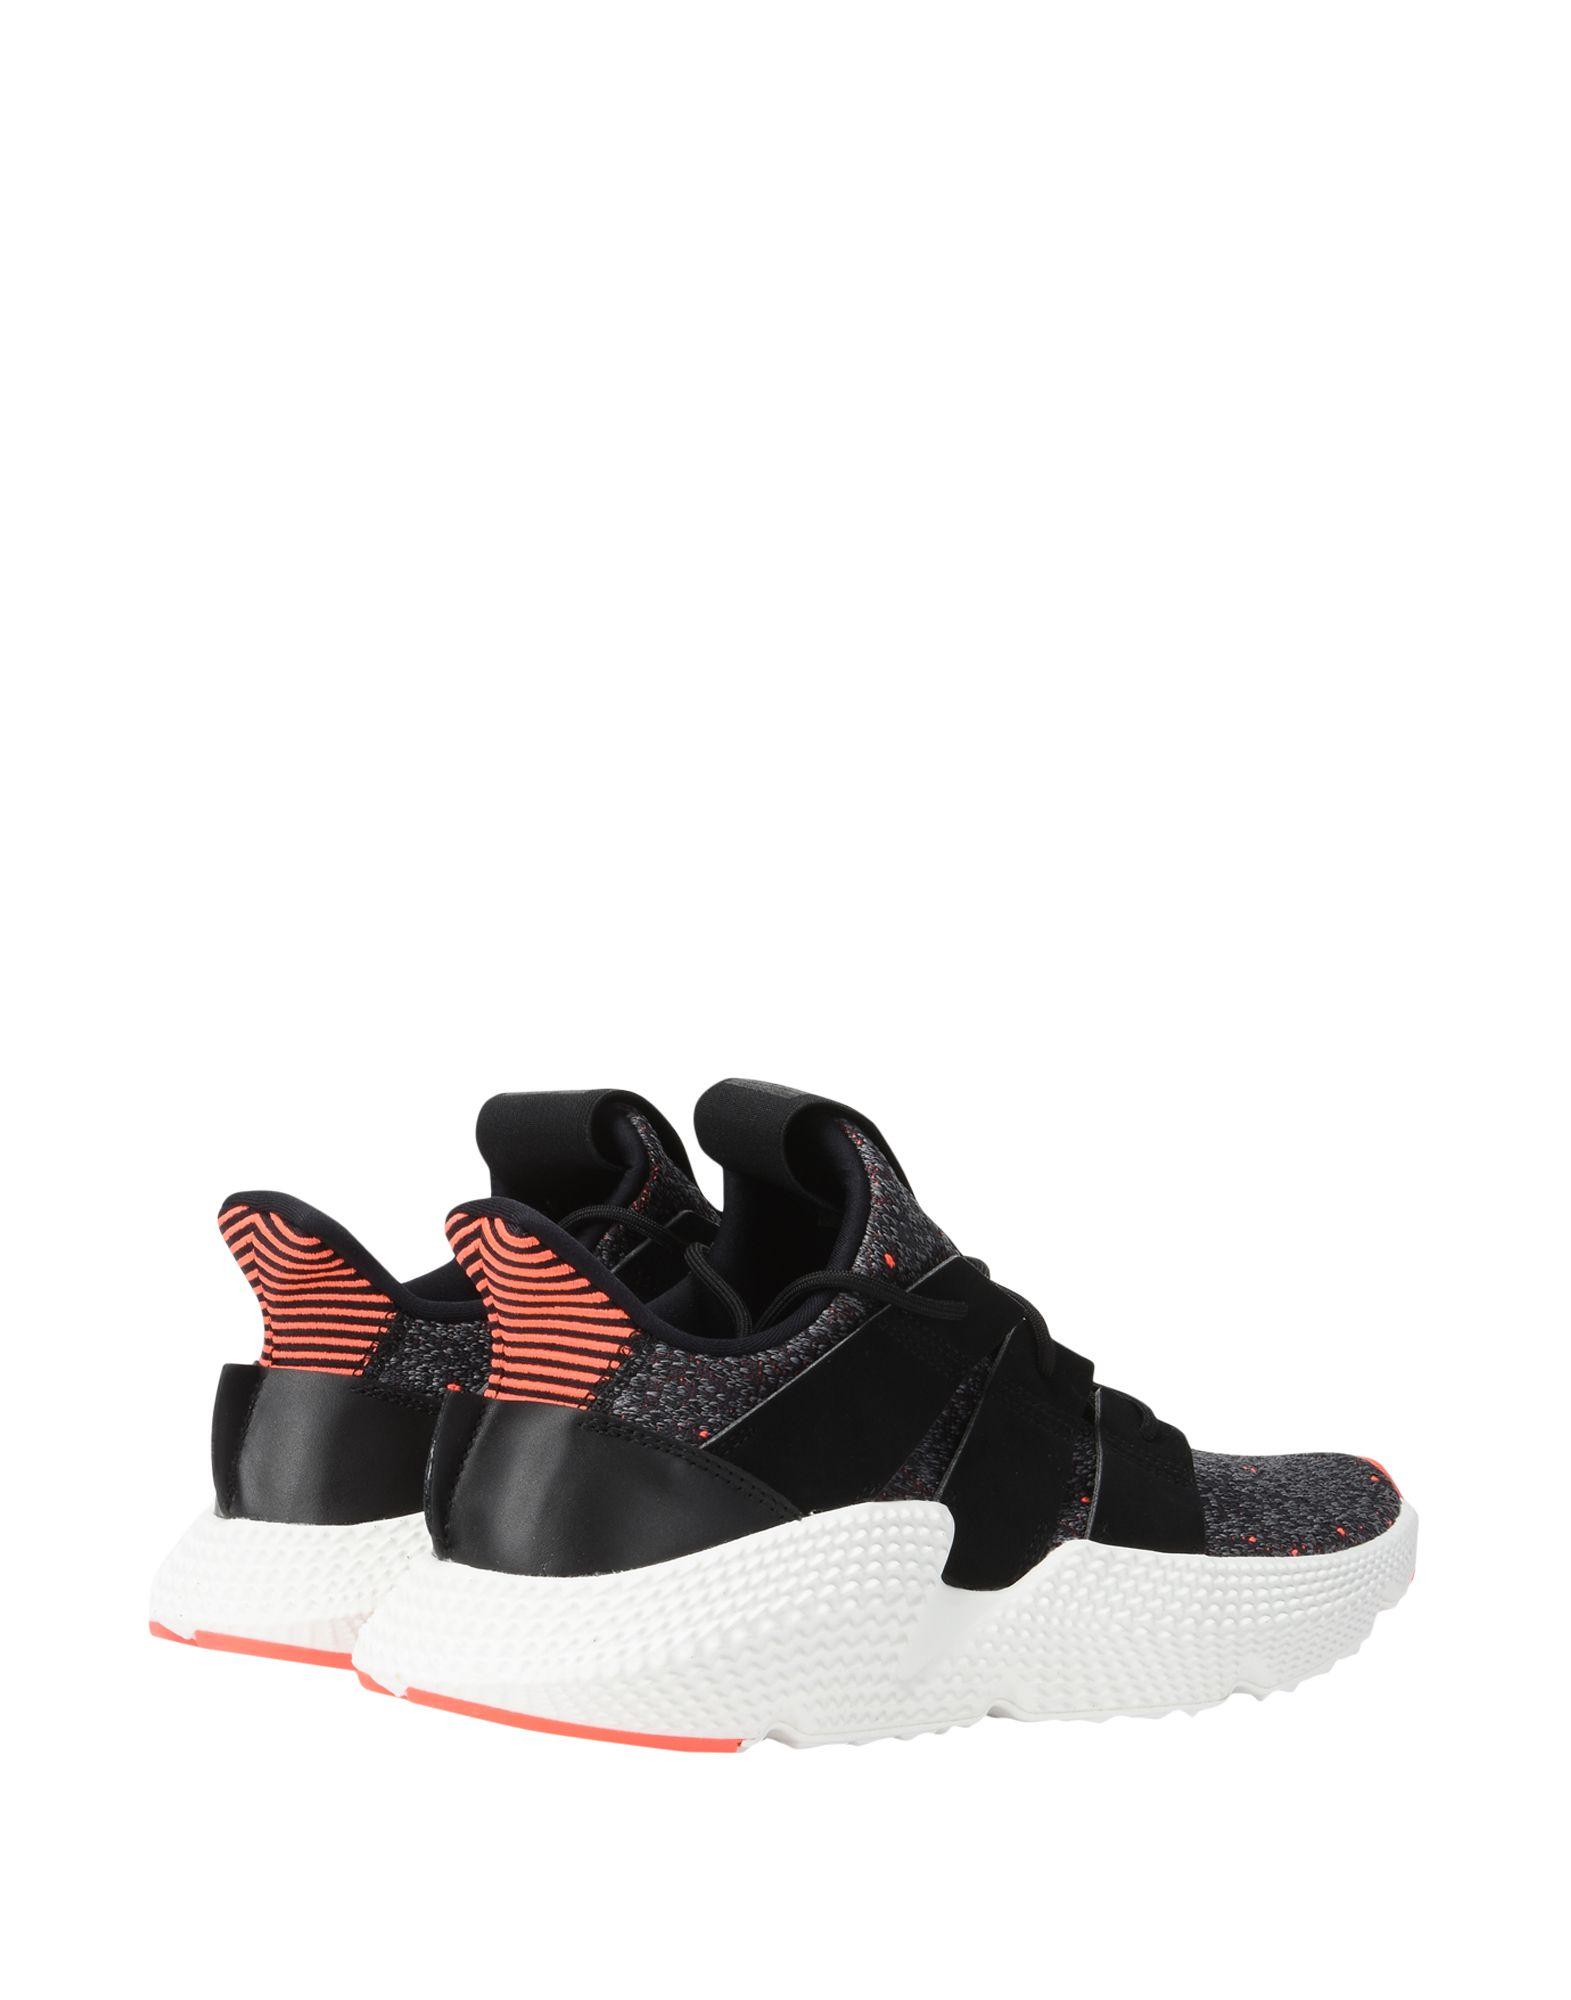 Adidas Originals Prophere  11414714AT 11414714AT  3ca923